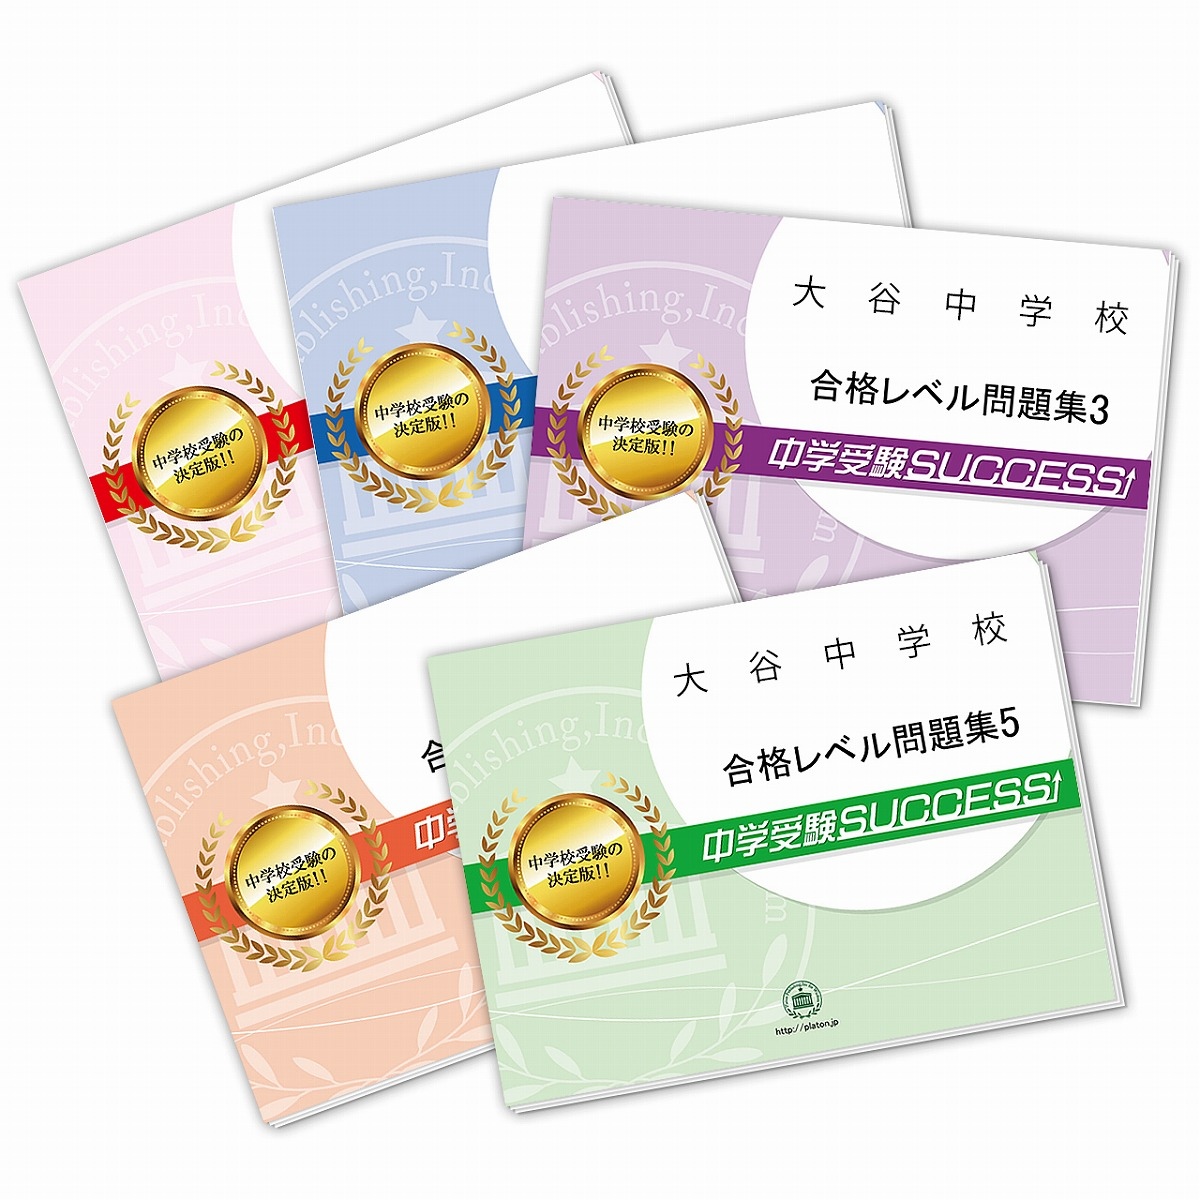 【送料・代引手数料無料】大谷中学校(京都)・直前対策合格セット(5冊)